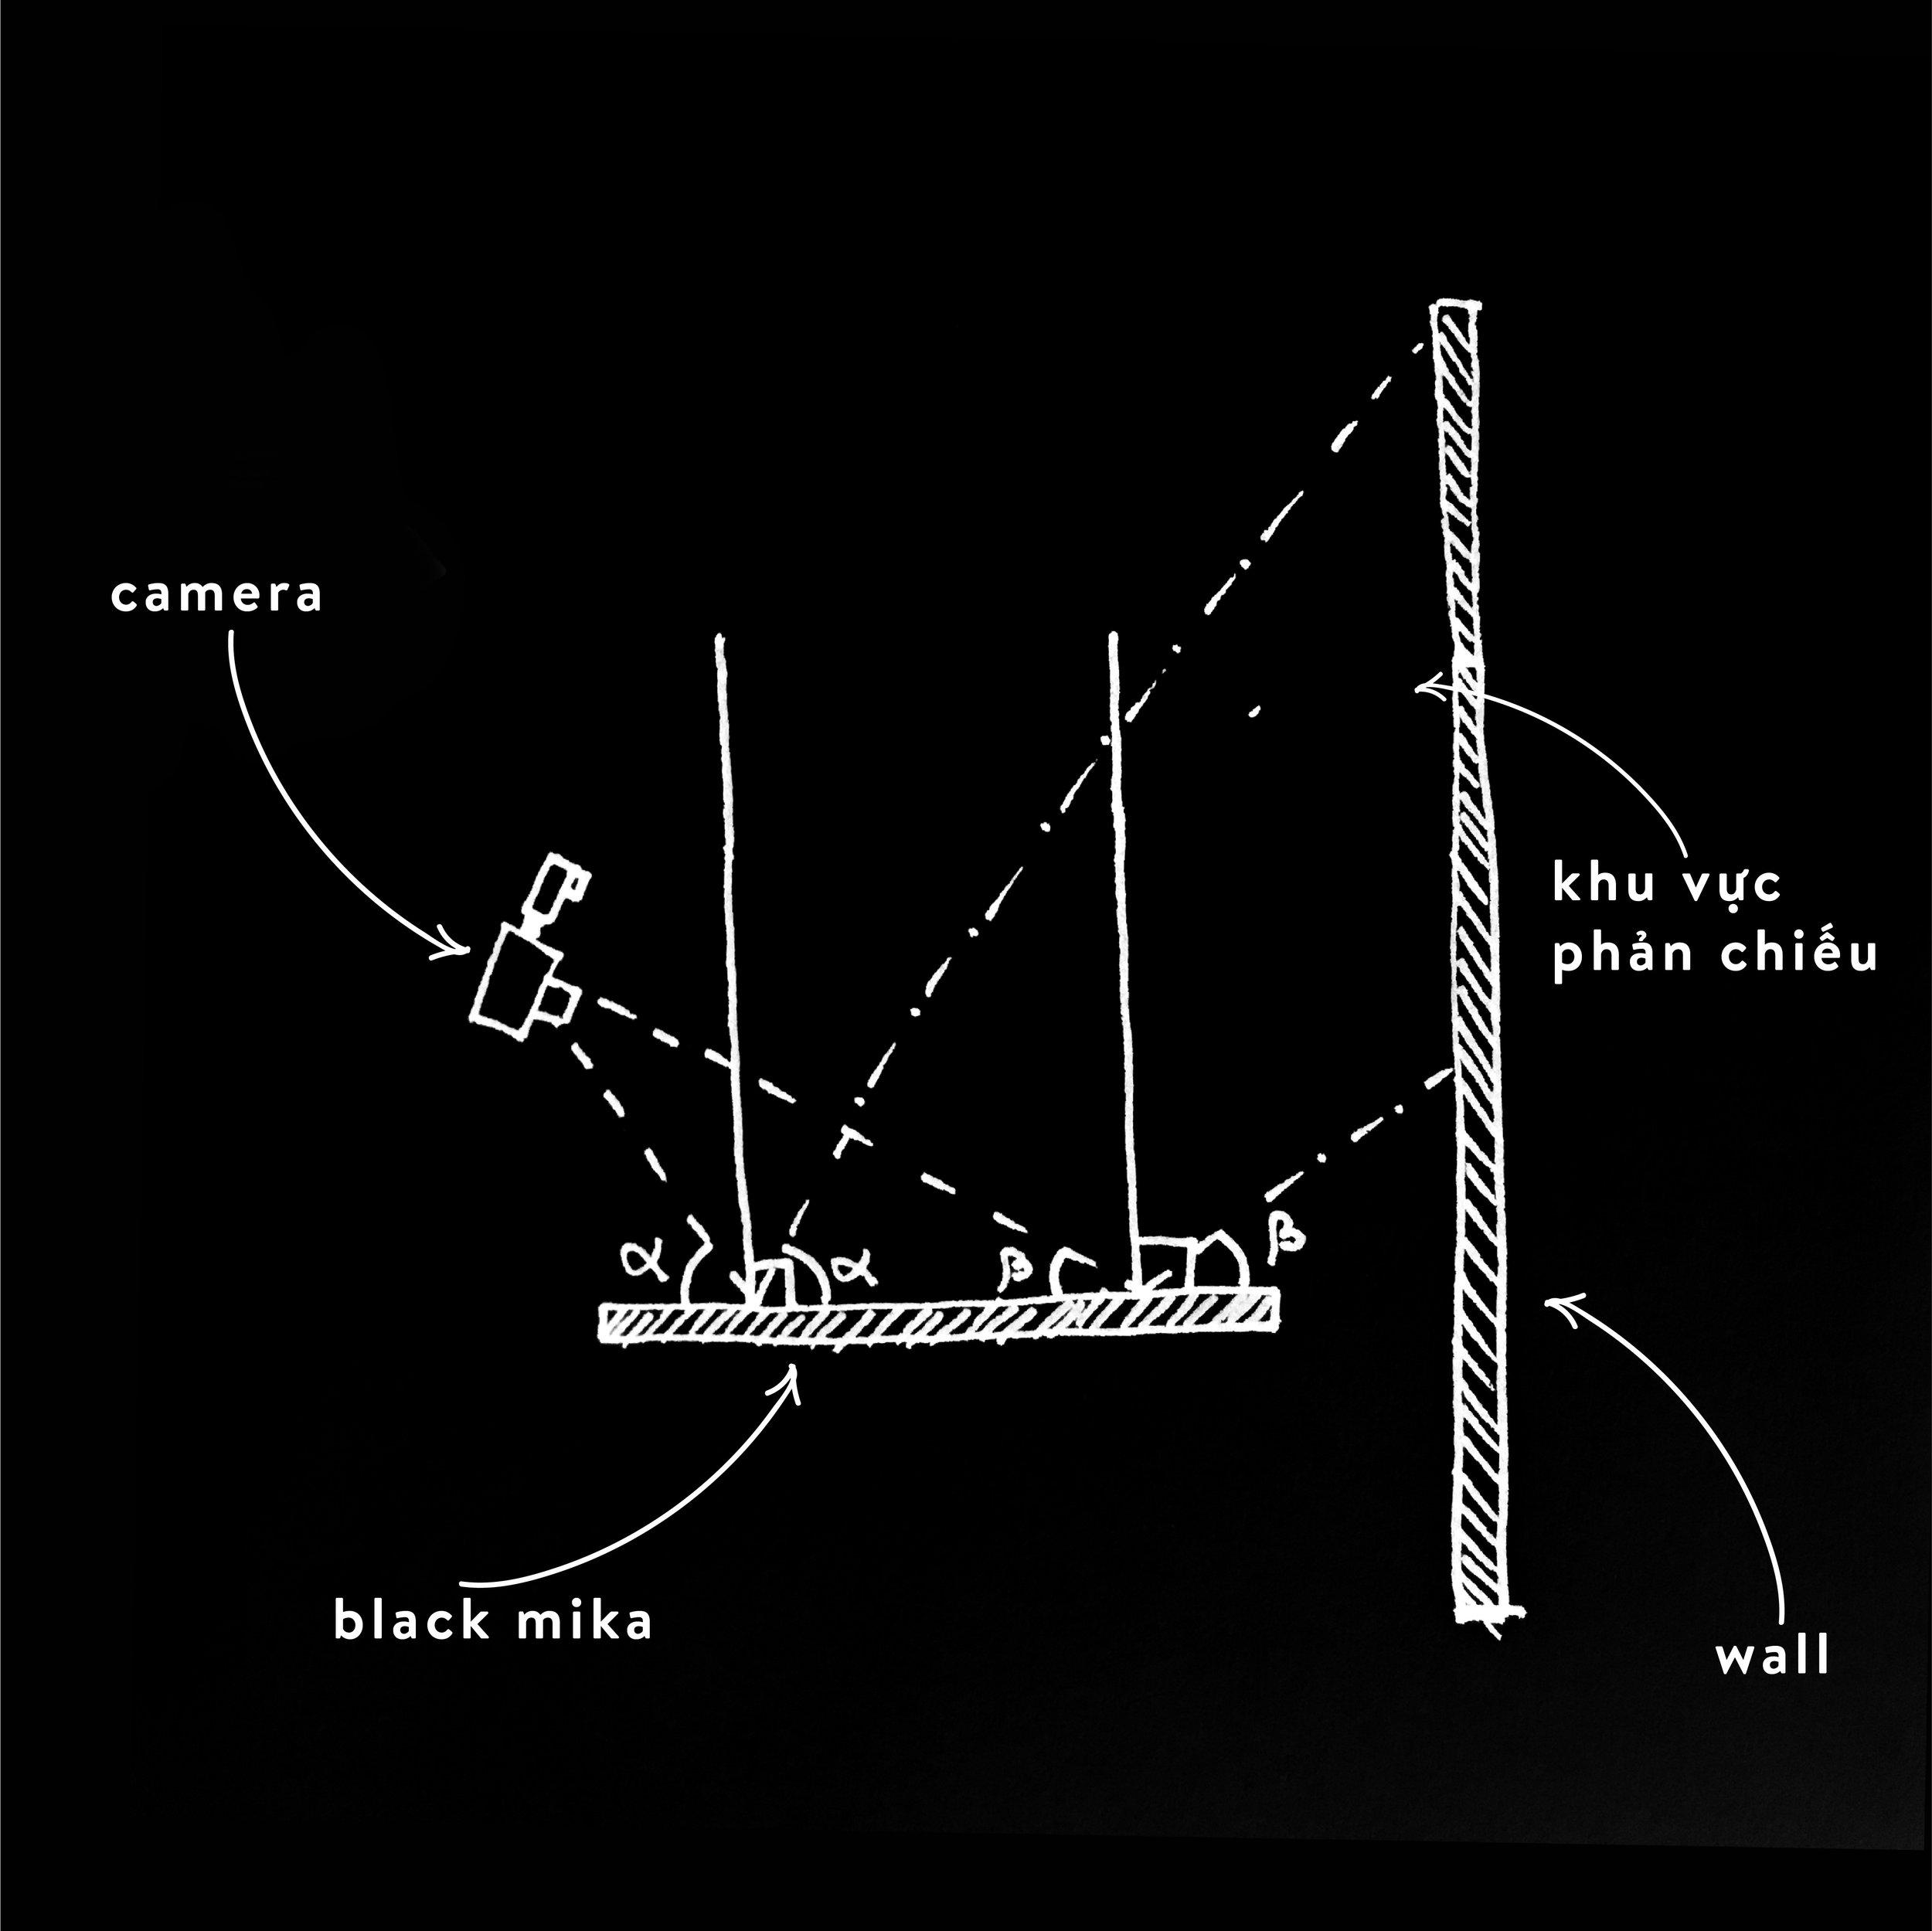 Đậu Đỏ_Concept_12-11.jpg